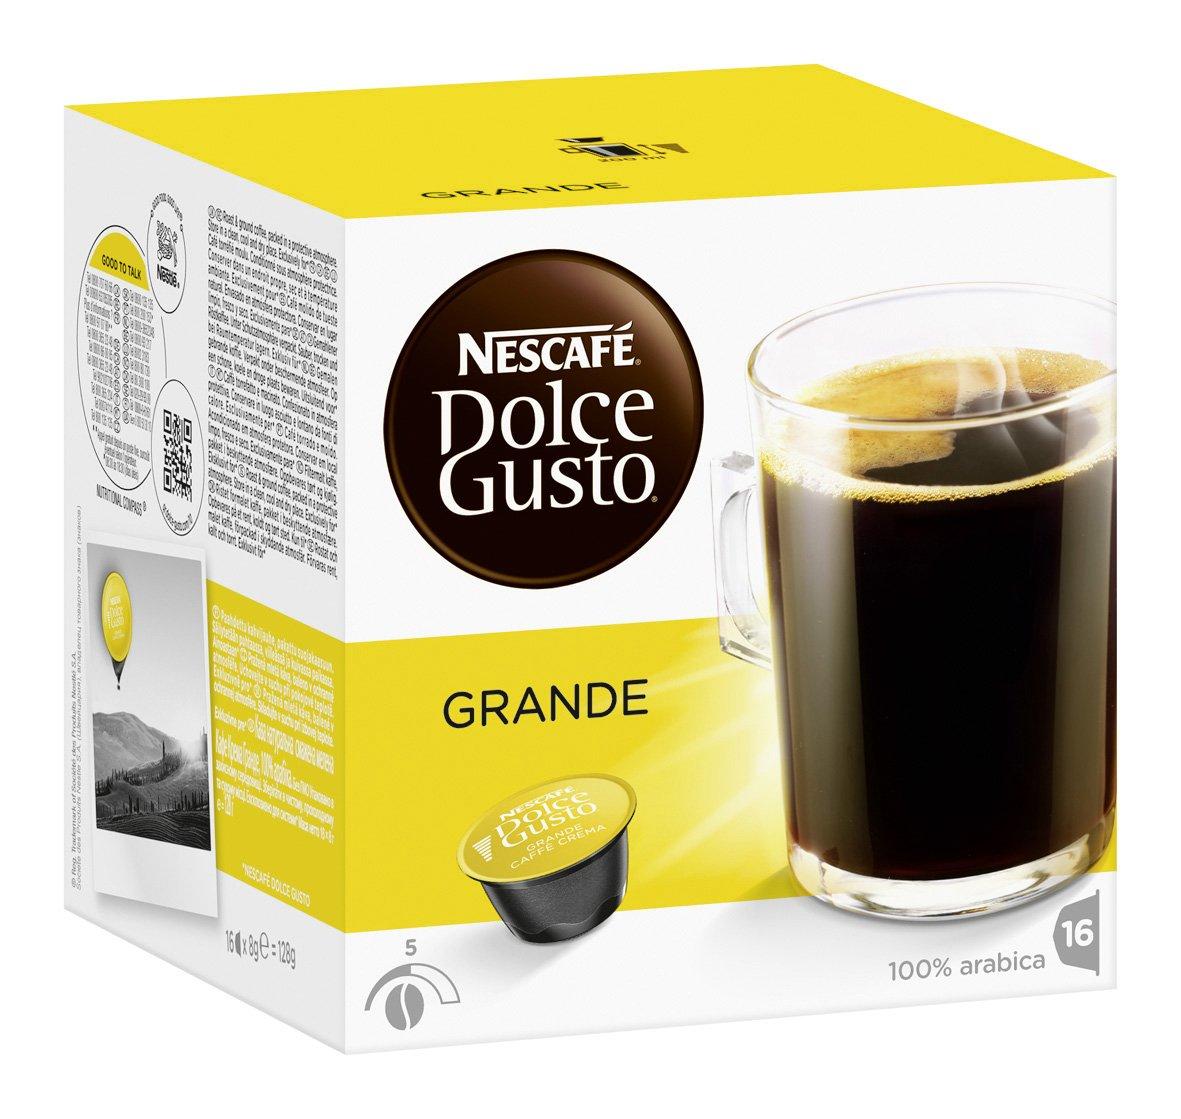 amazon nescafe dolce gusto grande oder dallmayr crema d 39 oro. Black Bedroom Furniture Sets. Home Design Ideas